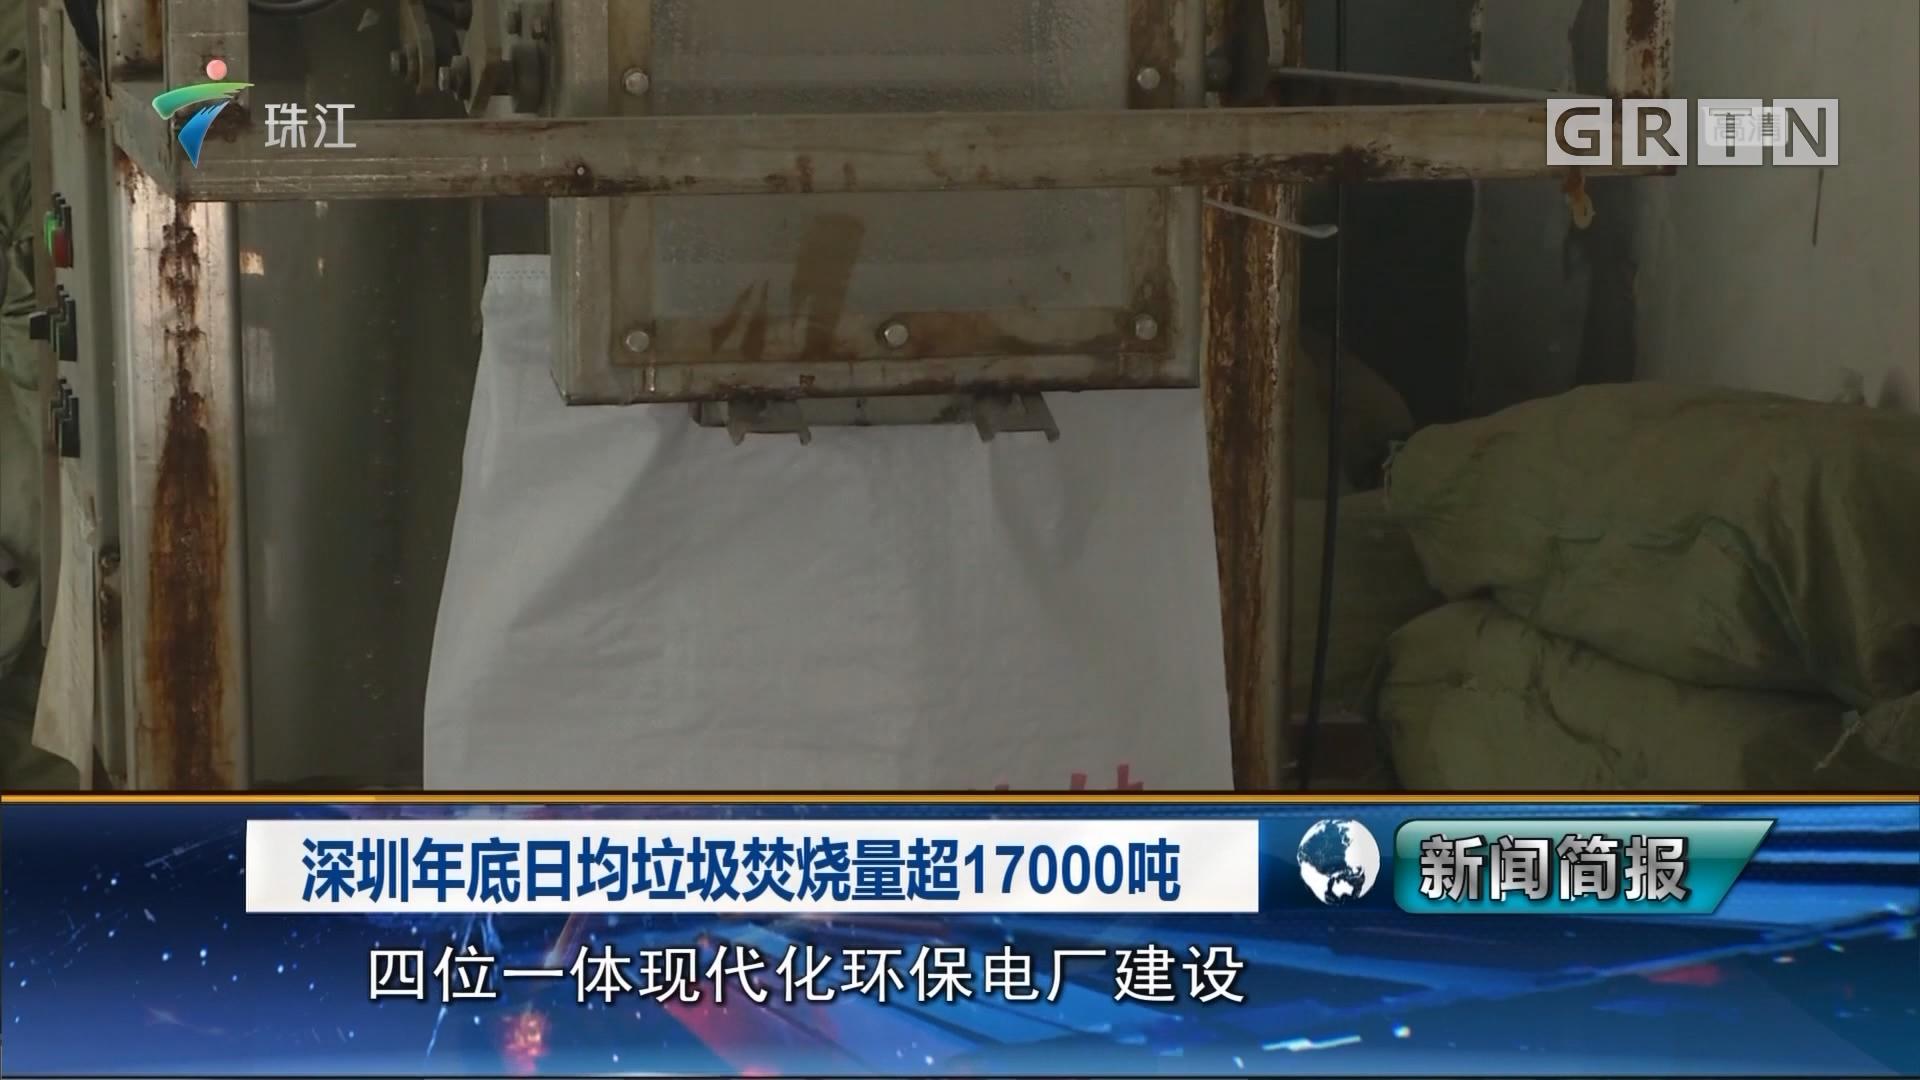 深圳年底日均垃圾焚烧量超17000吨